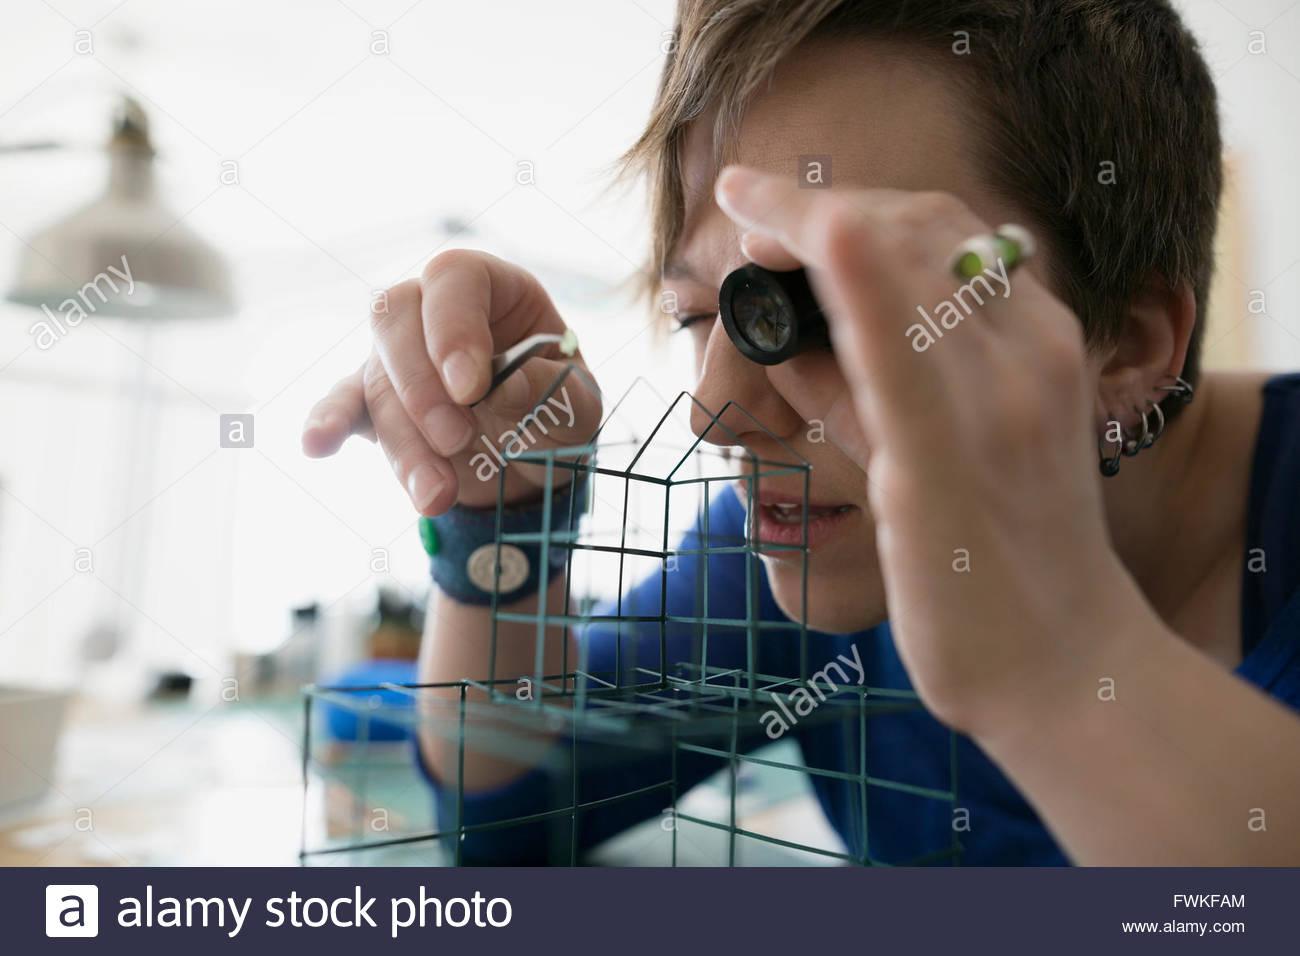 Artisane à l'aide de loupe pour assembler panier métallique Photo Stock